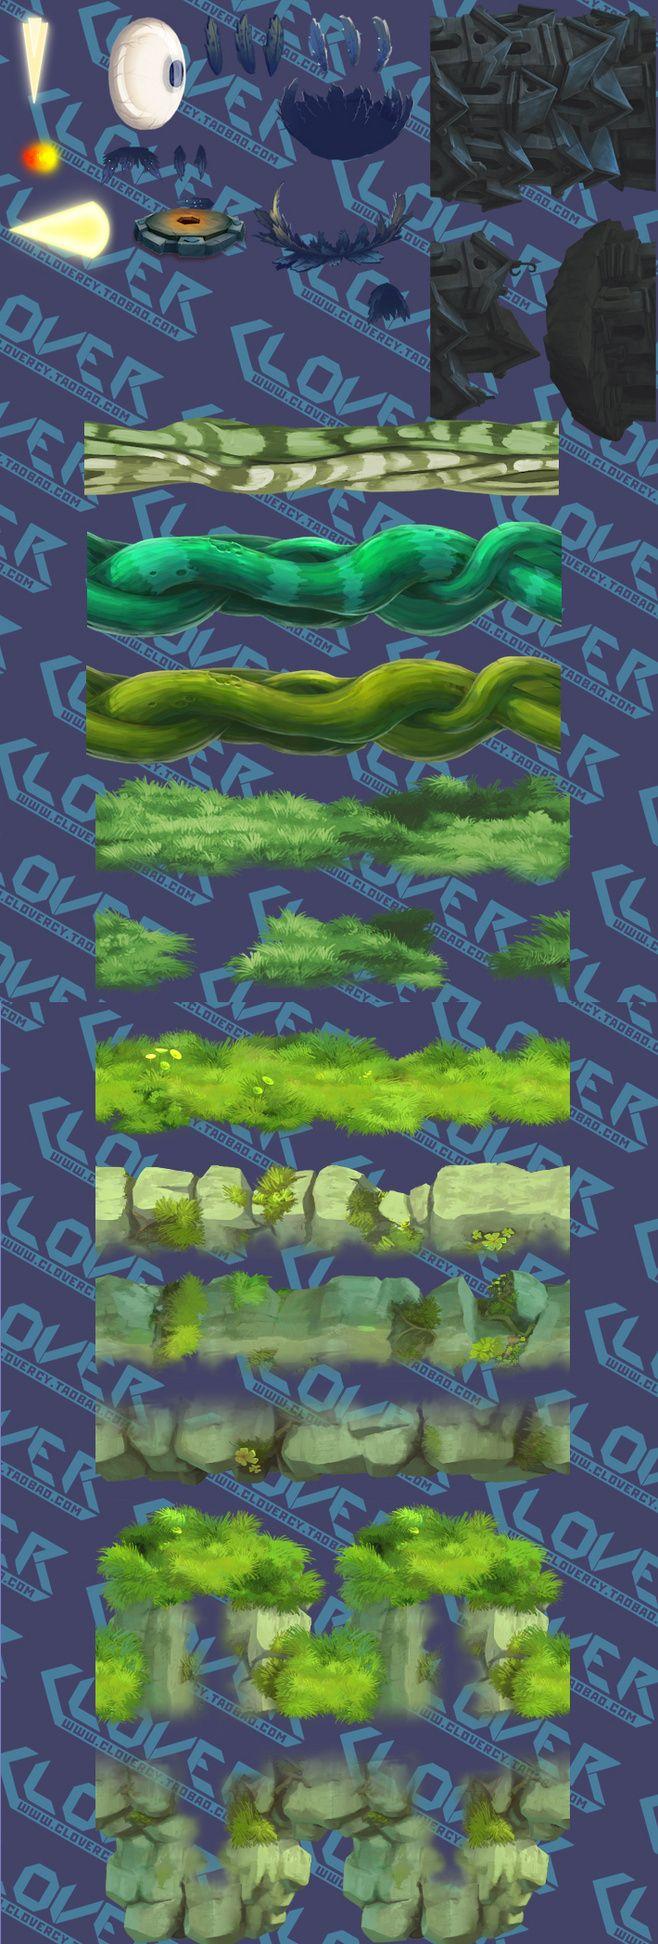 游戏原画资源/2D场景素材/横版地图配件...